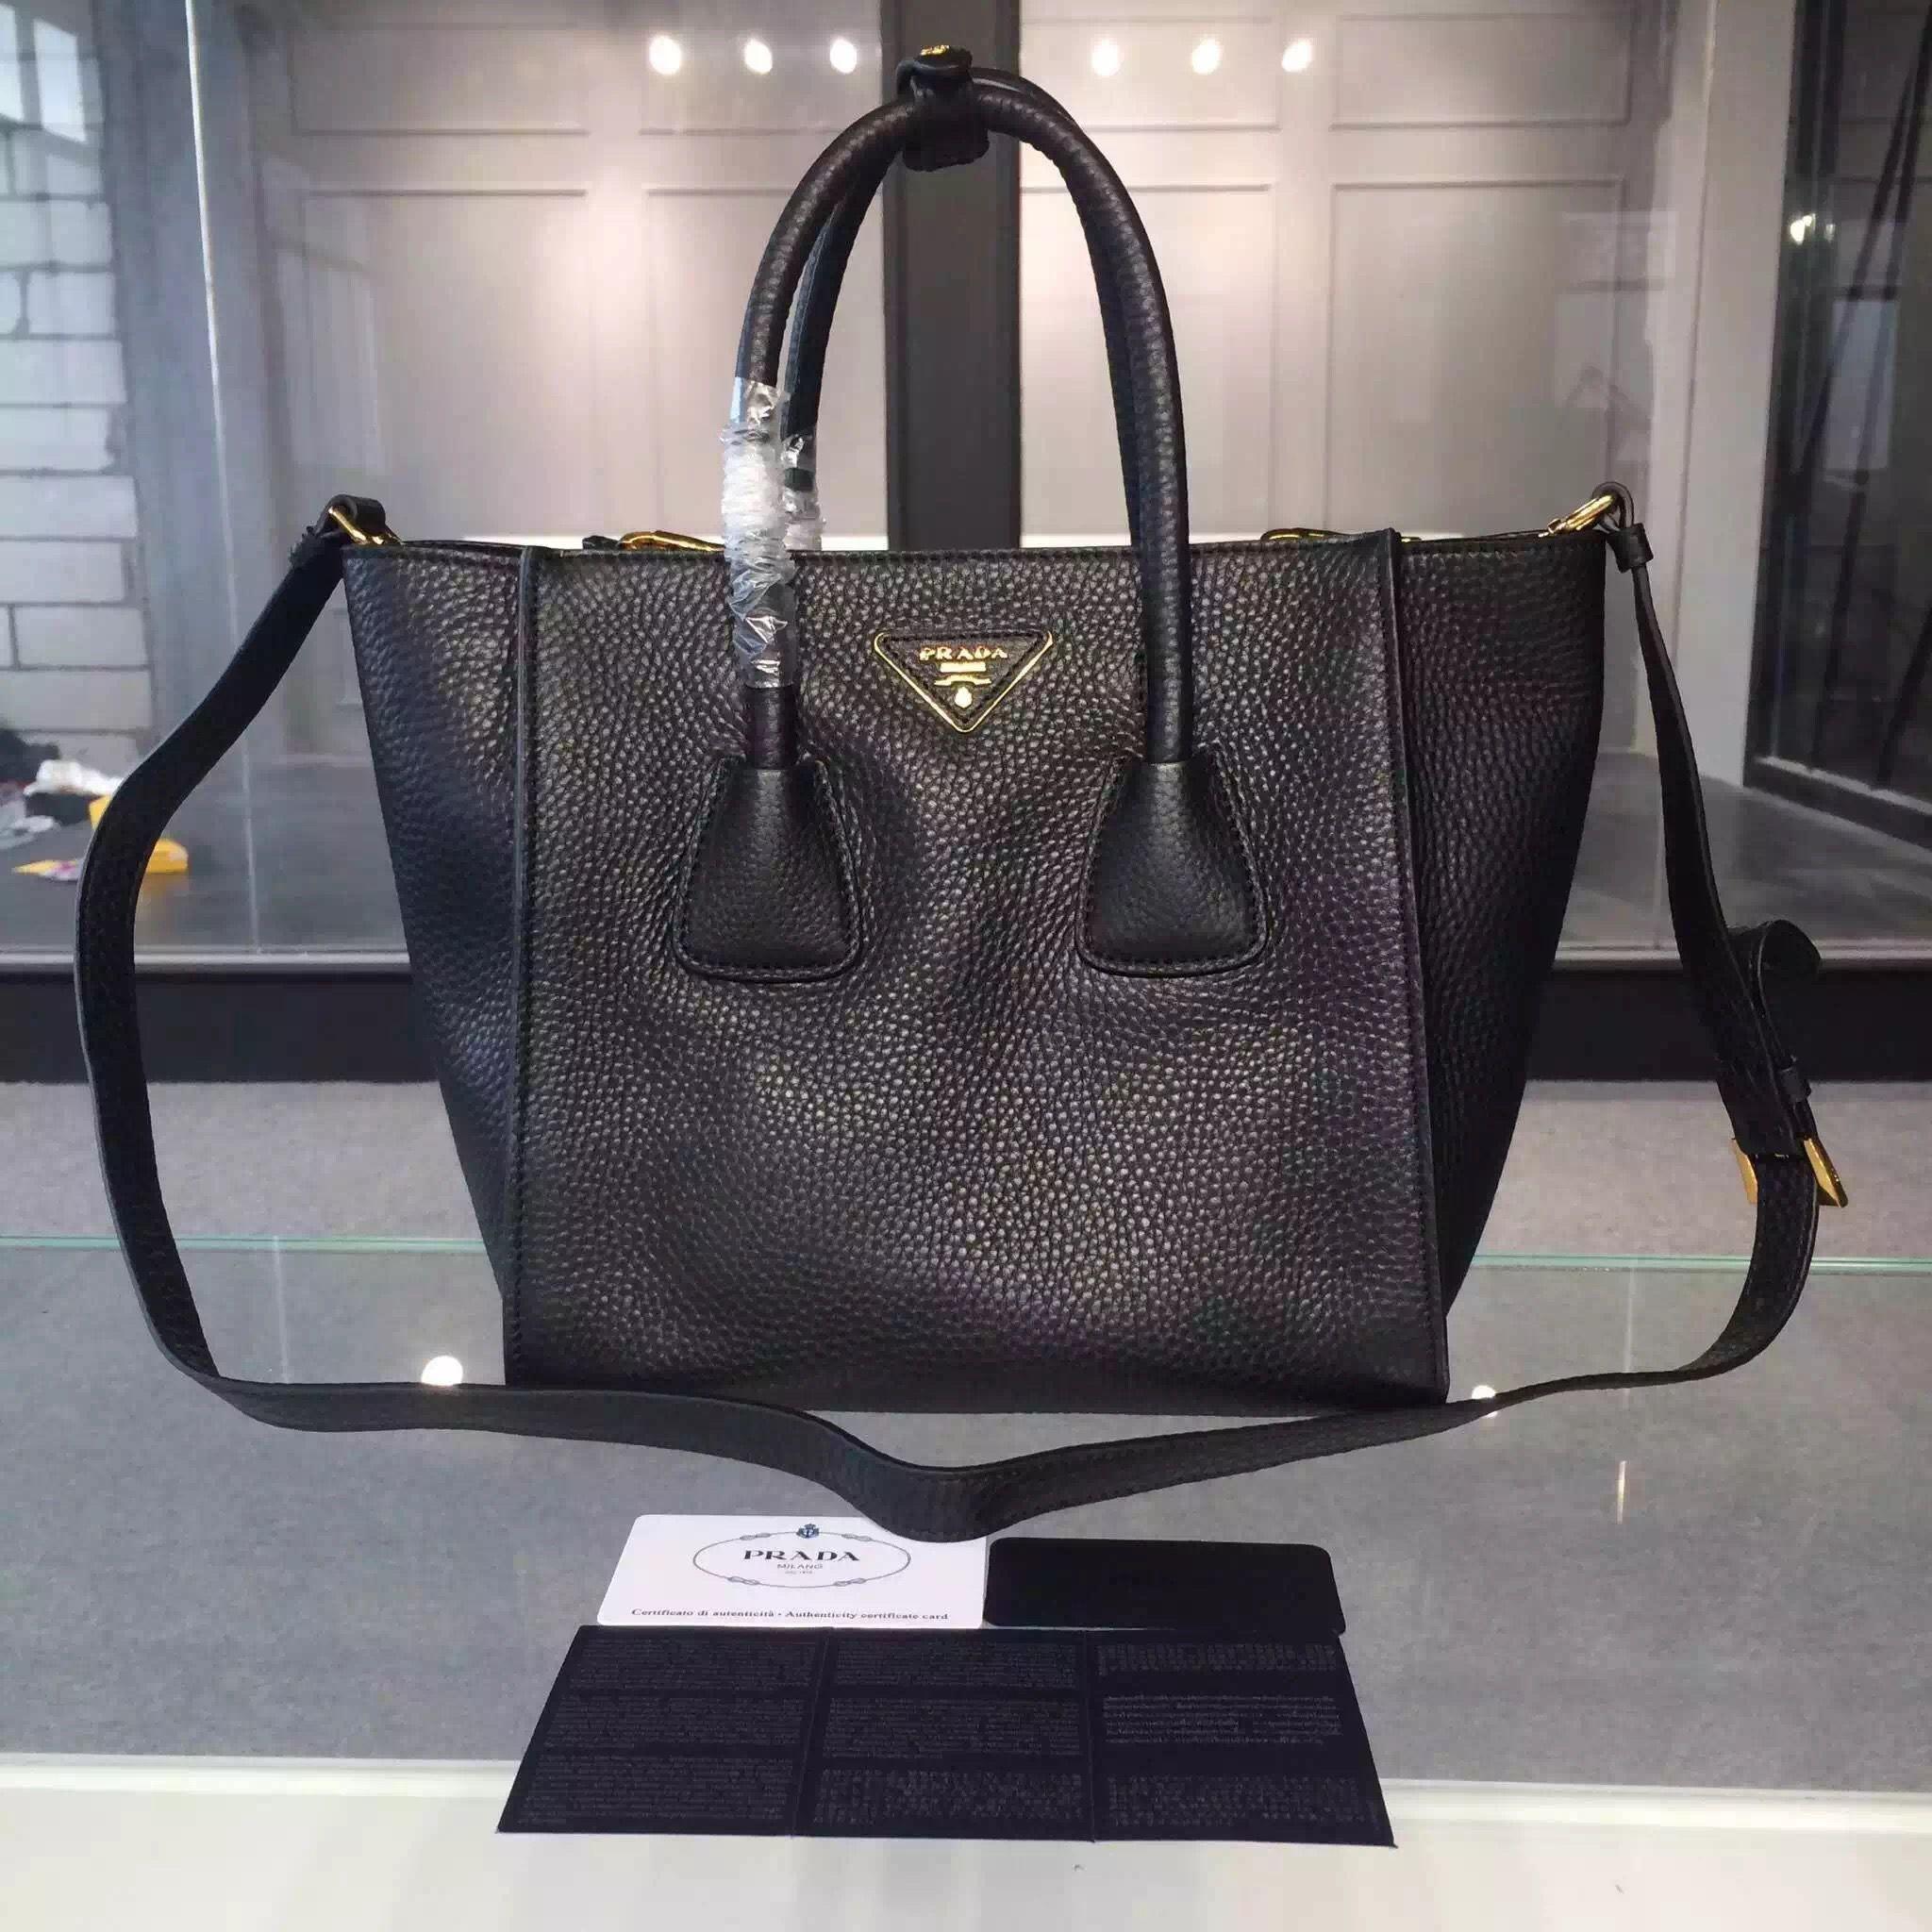 260f9d0884 Prada 2625 Glace Calf Leather Tote In Black